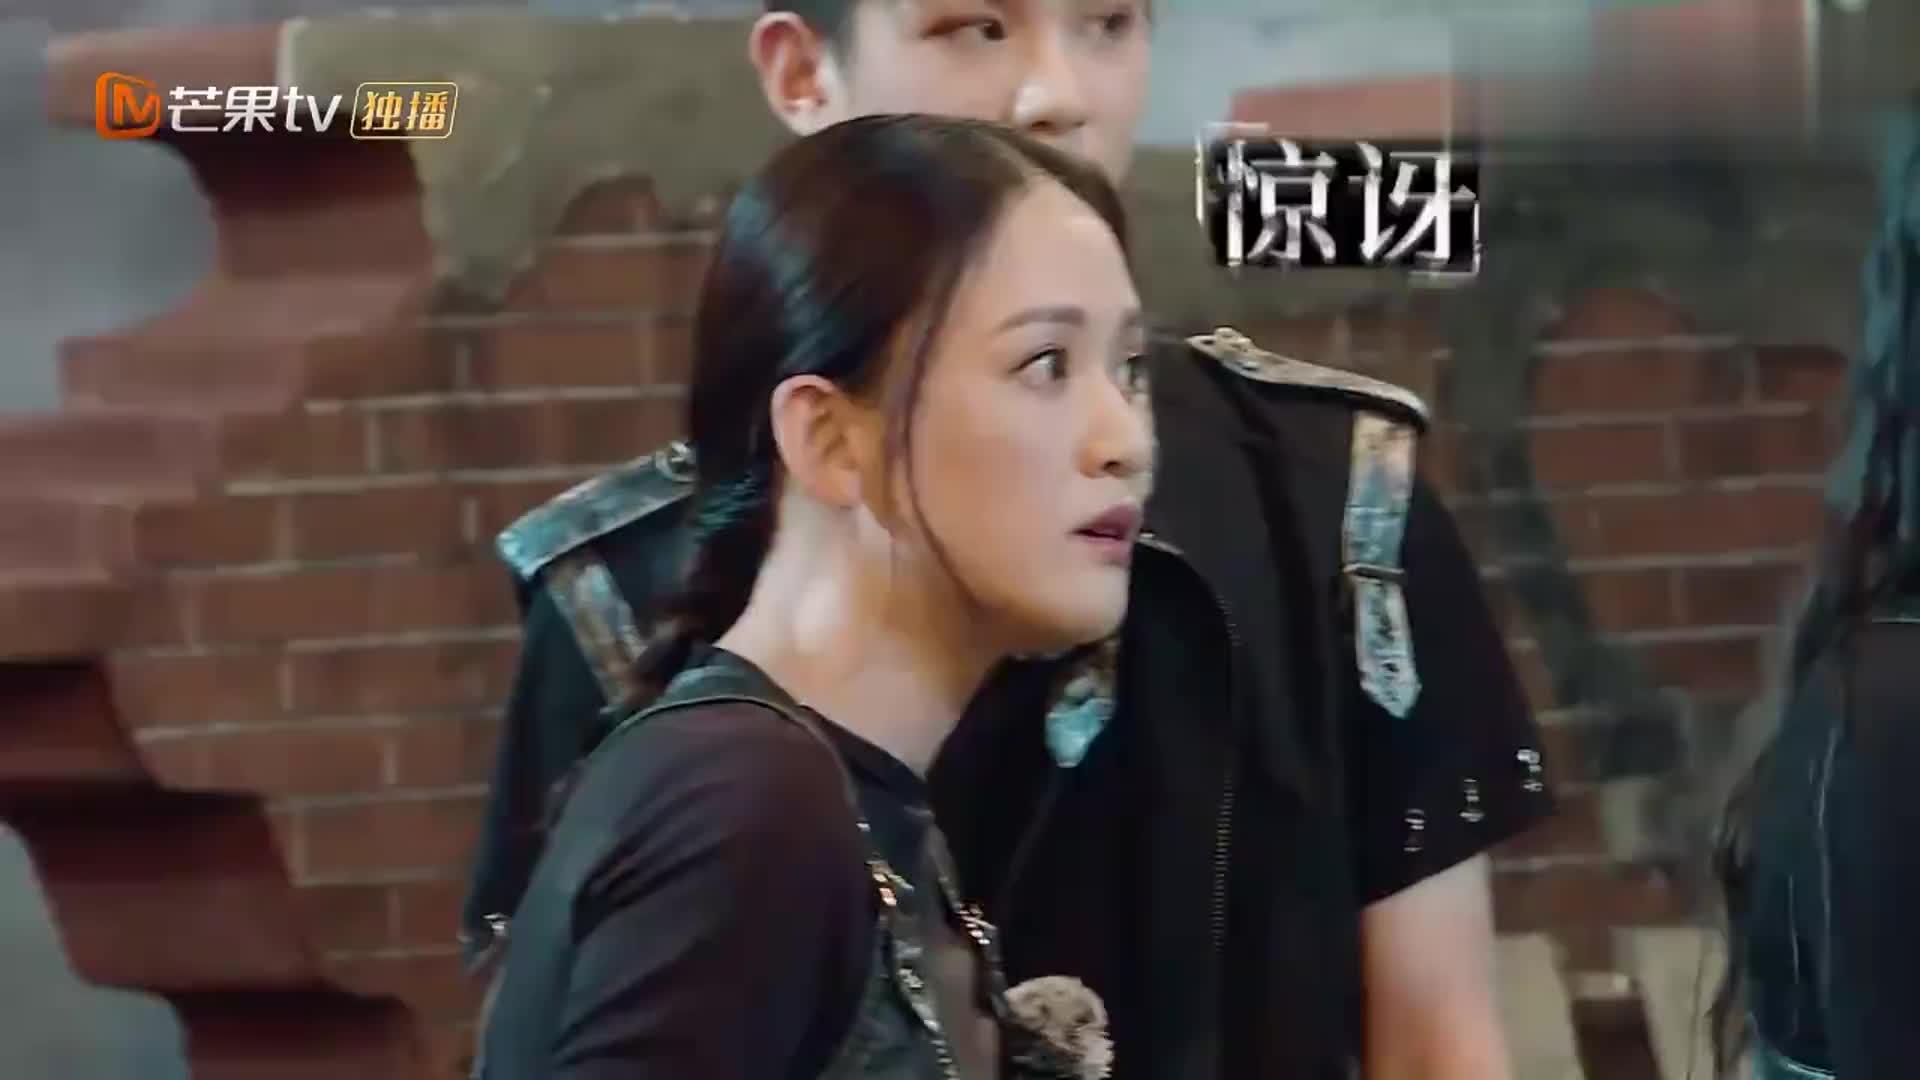 张翰展示迷之技能,黄明昊秒变小迷弟,陈乔恩挑战以尴尬收场!